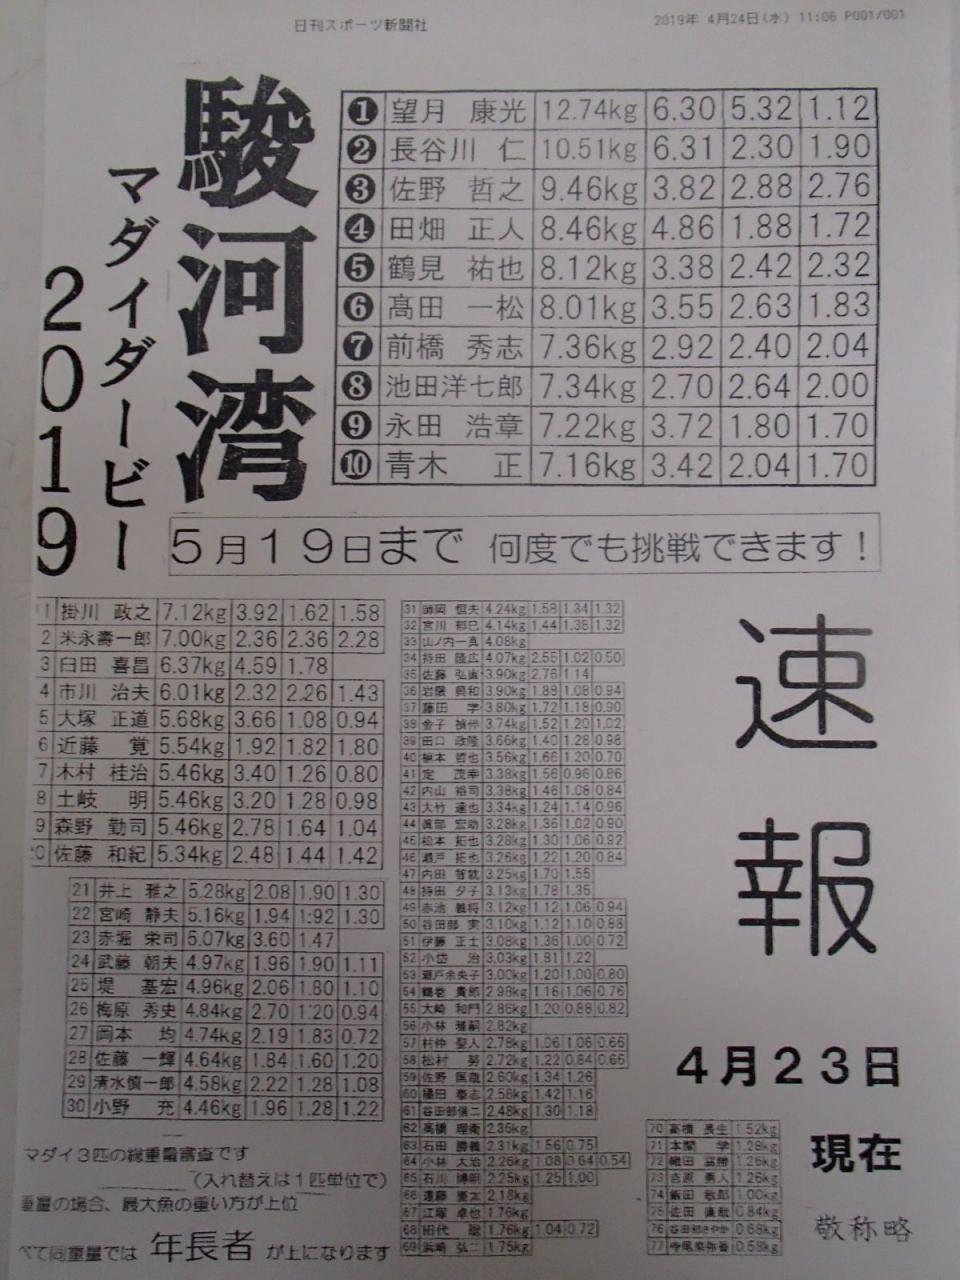 1556100099-1-2460.jpg